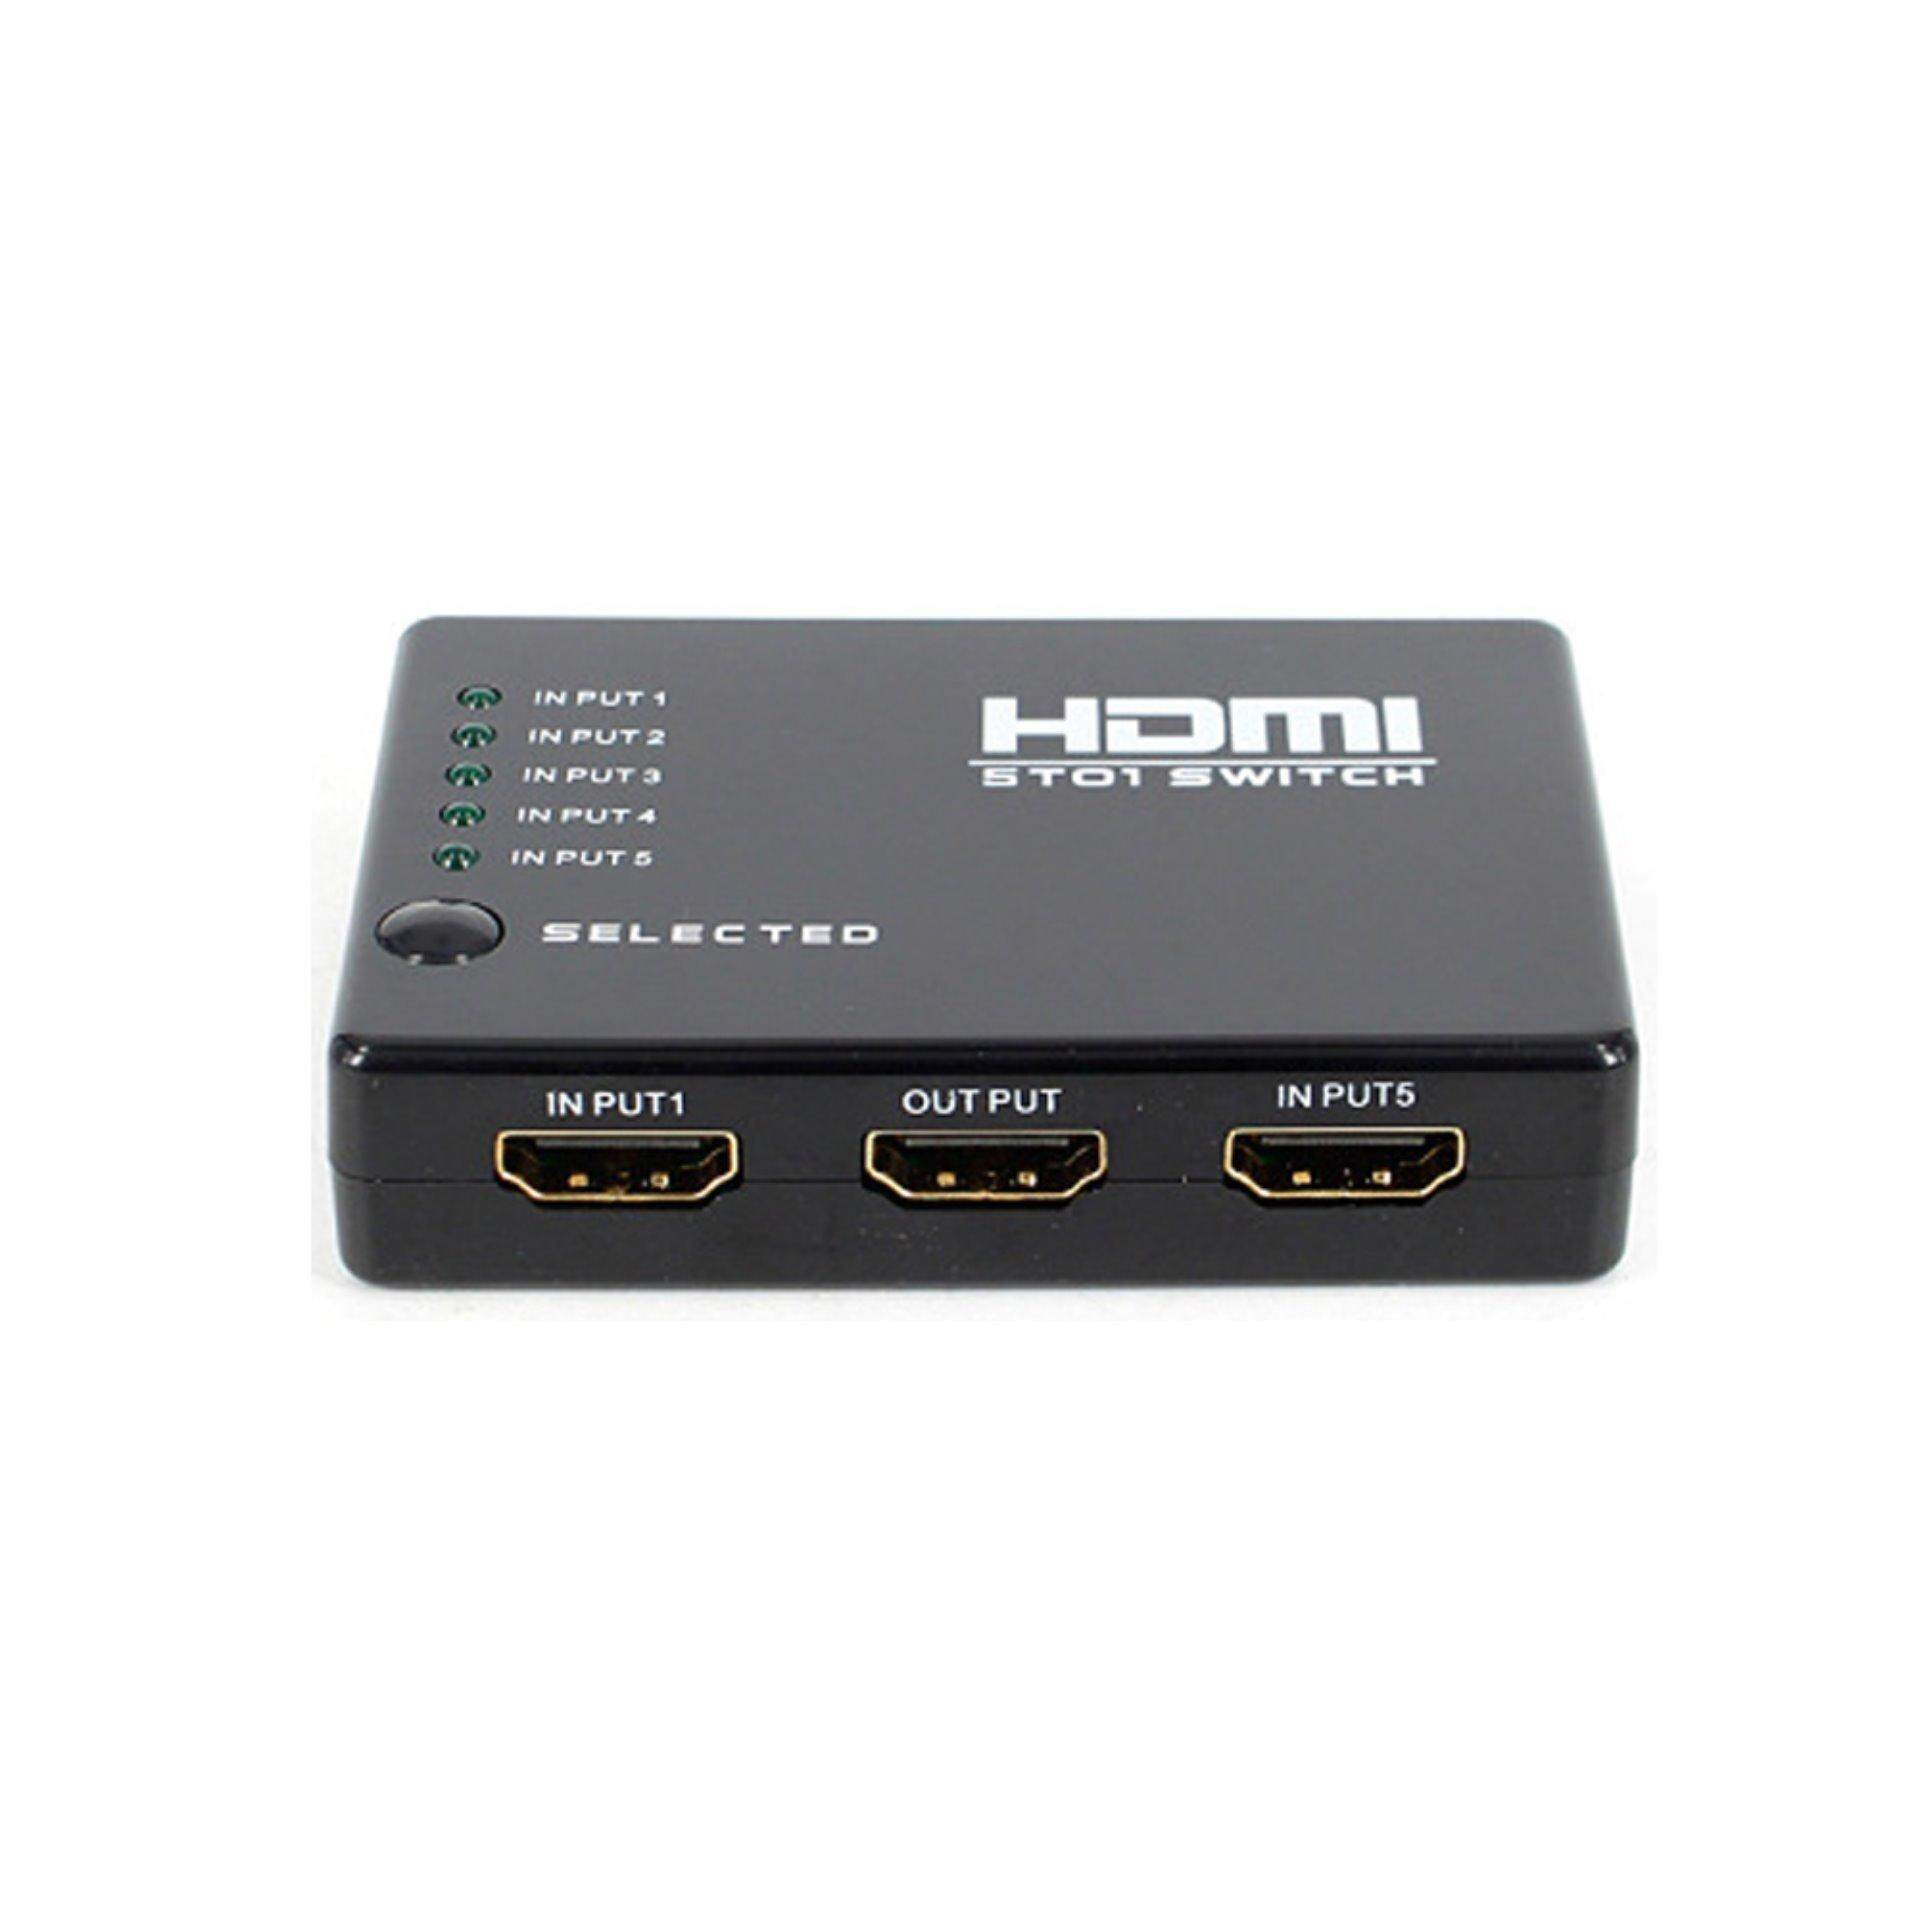 VITAR HDSW-23 HDMI 5x1 Switcher with IR Eye